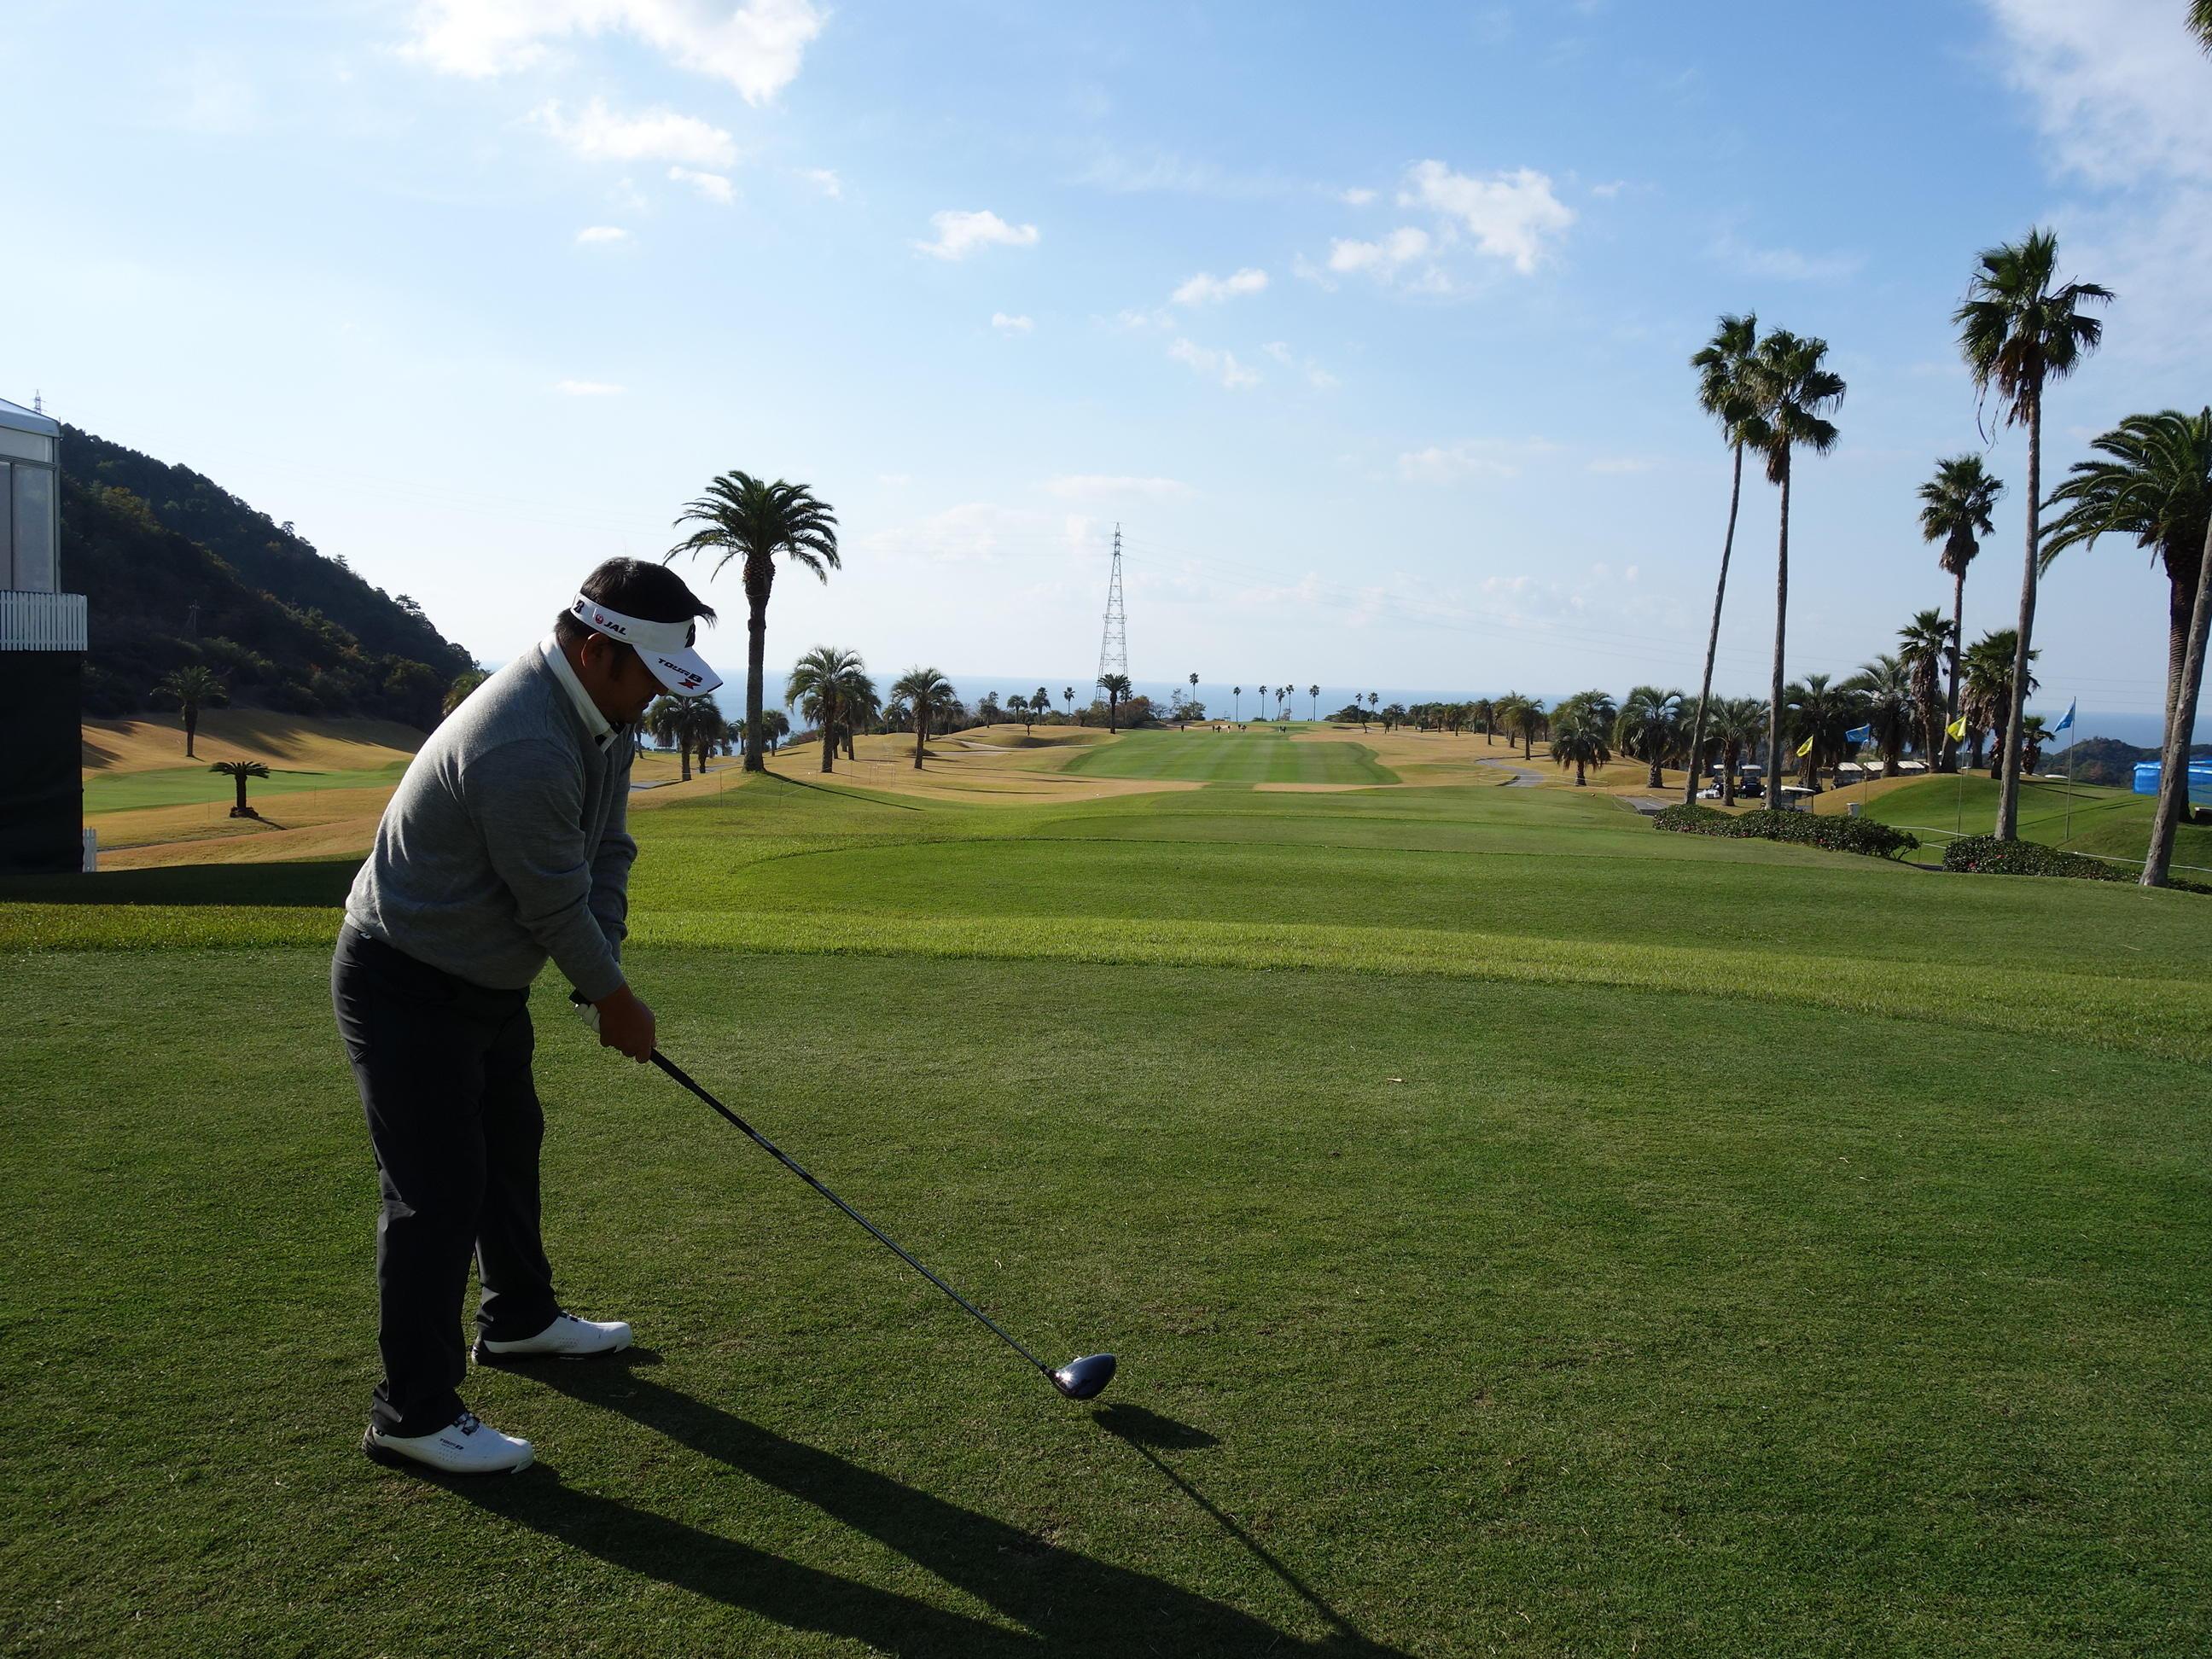 http://www.bs-golf.com/pro/5cbec443d8fd3fa89d7f8fe4473ab6e3d7d02fe2.JPG